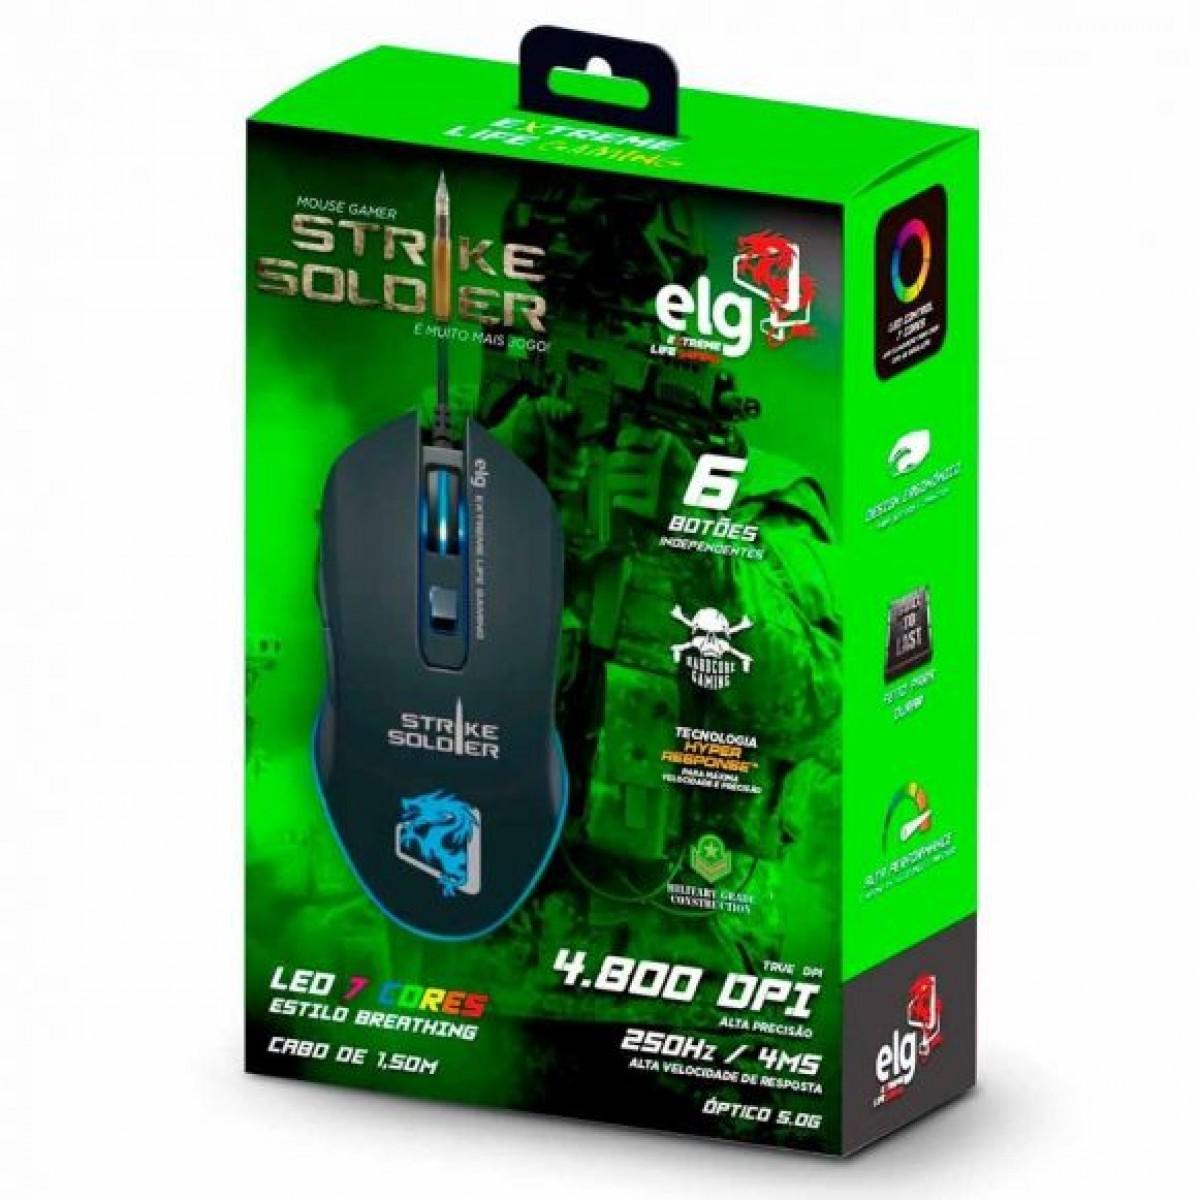 Mouse Gamer ELG Strike Soldier, 6 Botões, 4800 DPI, MGSS